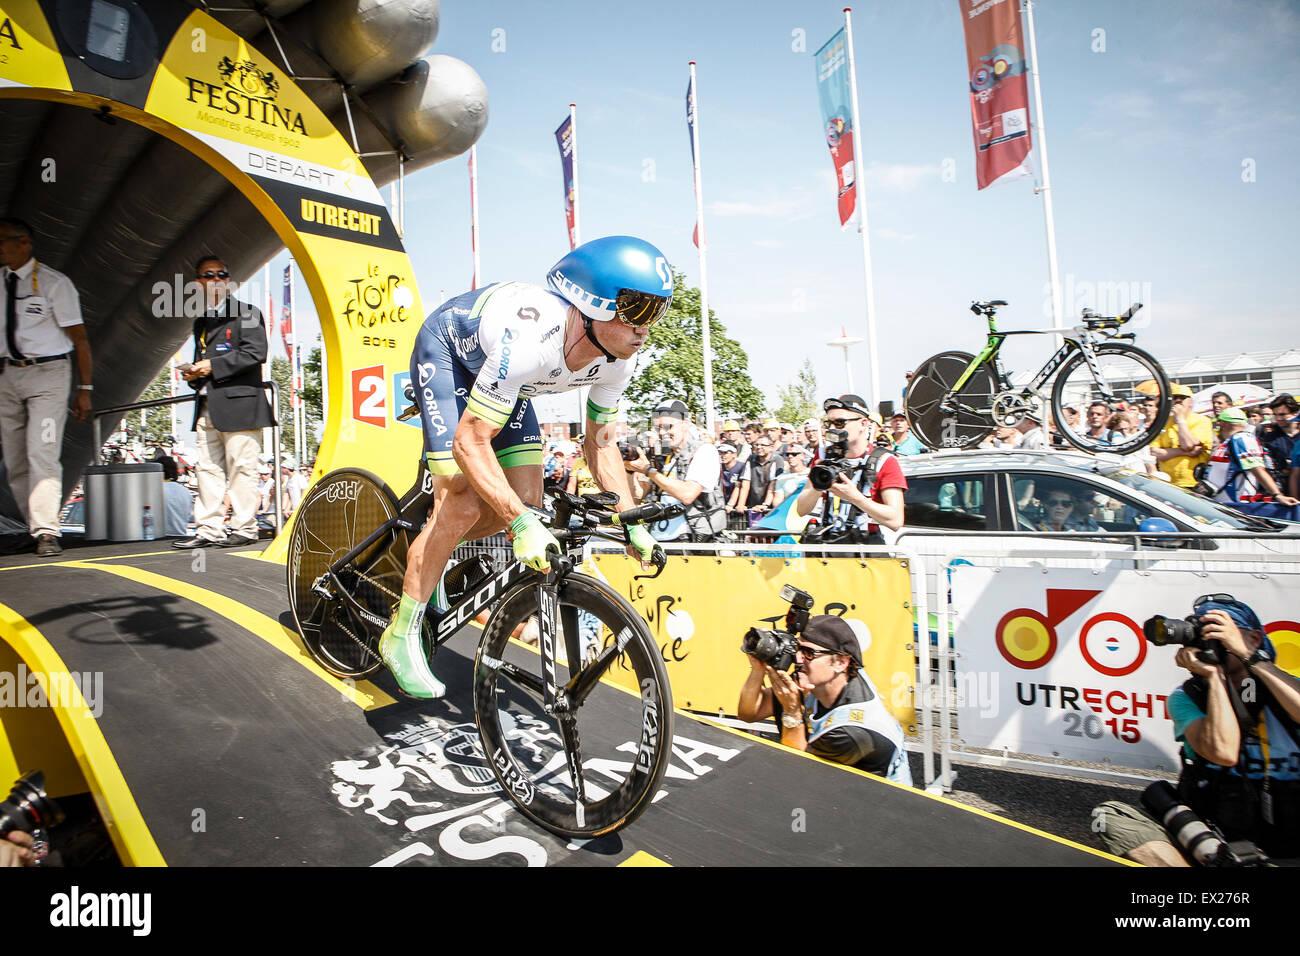 Utrecht, Pays-Bas. 4 juillet, 2015. Tour de France Étape de l'essai du temps, Simon Gerrans, de l'équipe Photo Stock